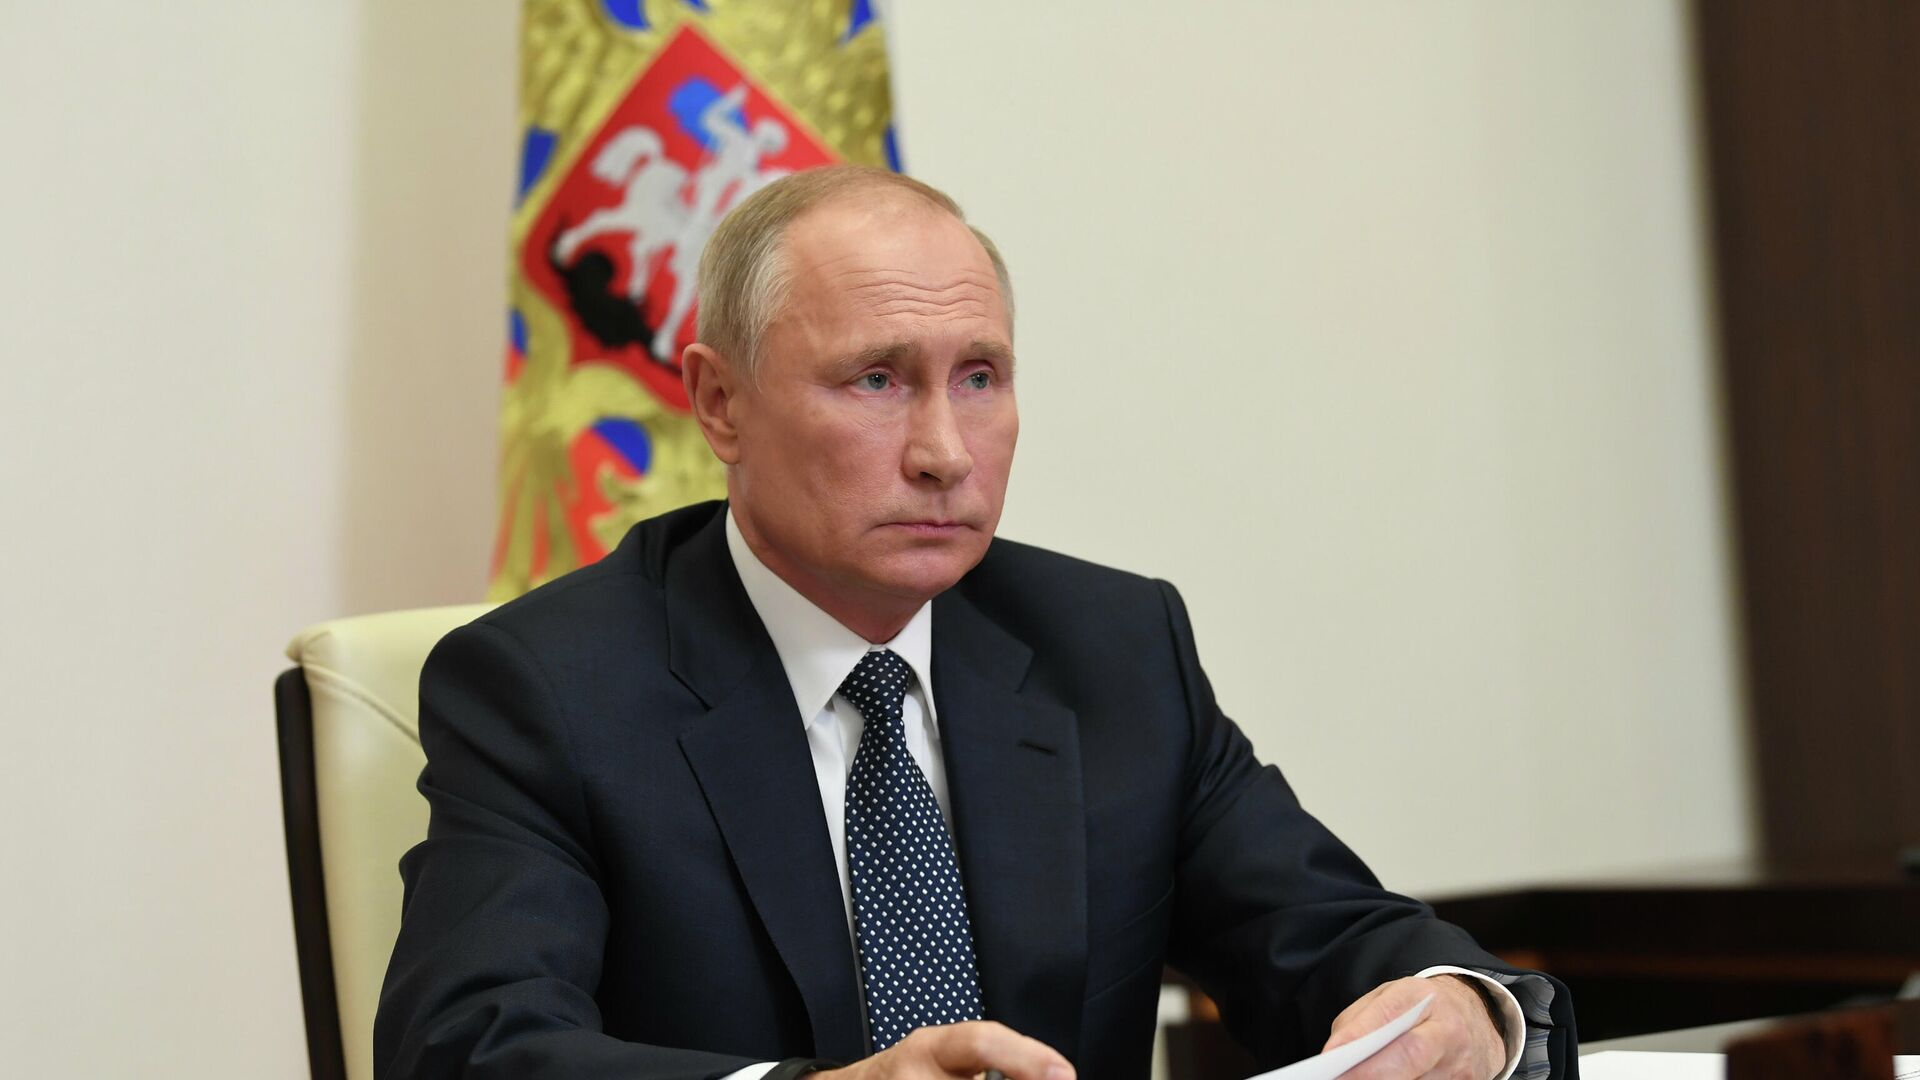 Президент РФ Владимир Путин проводит в режиме видеоконференции совещание по решению гуманитарных вопросов в районе Нагорного Карабаха - РИА Новости, 1920, 27.11.2020